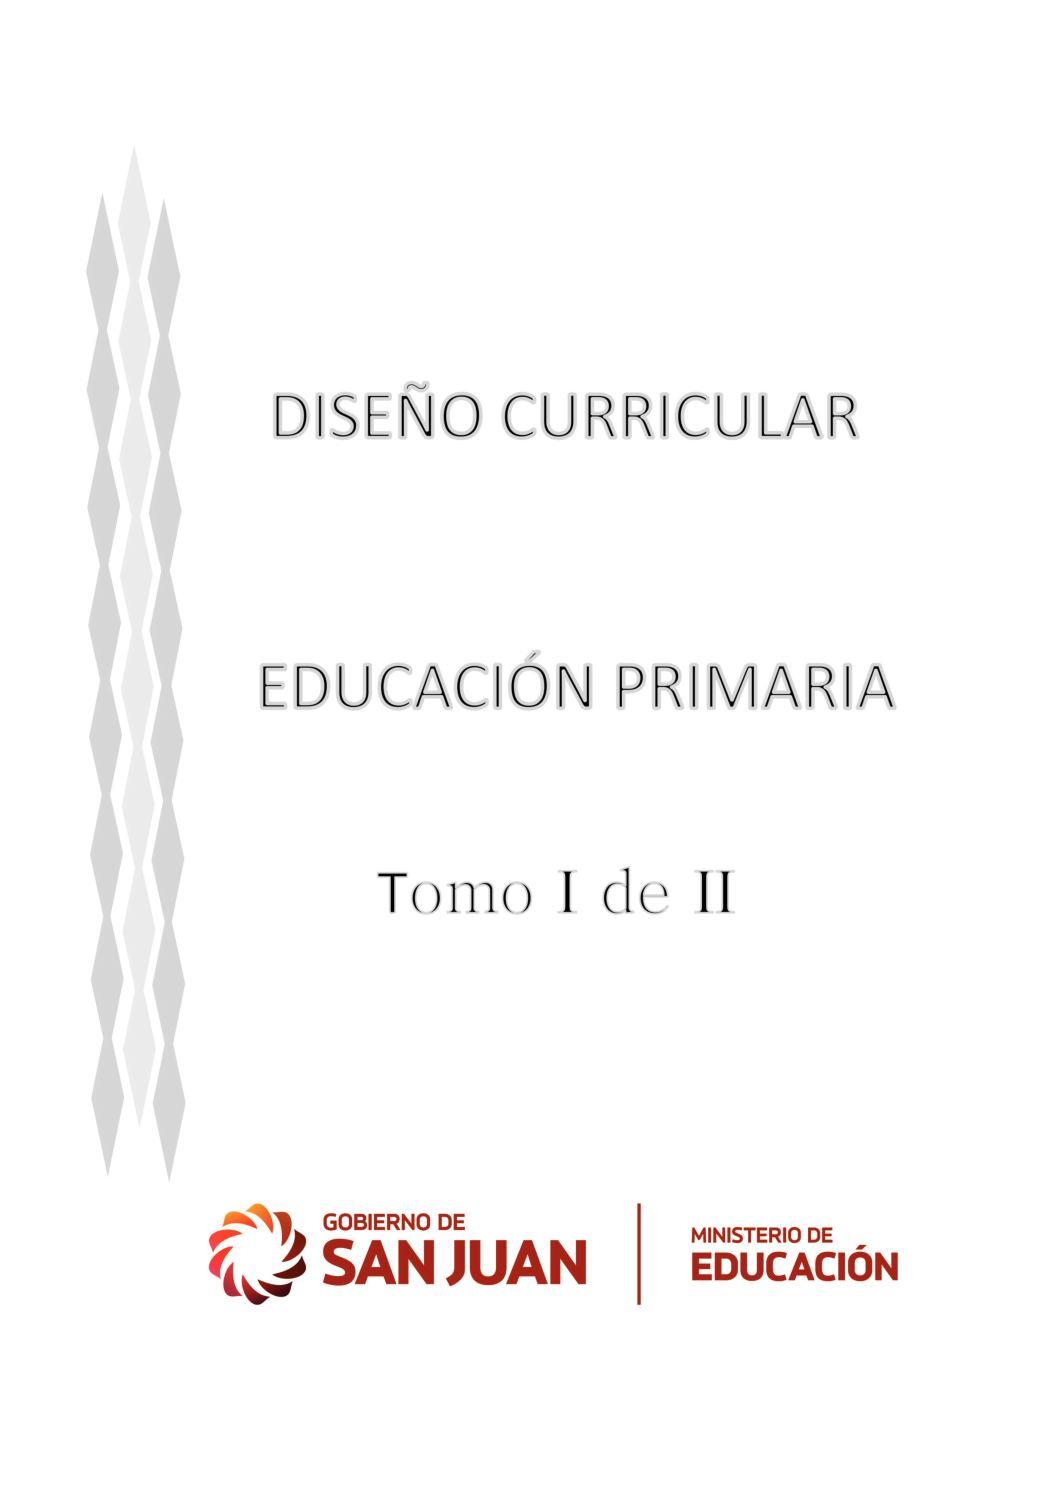 Calaméo - Diseño Curricular Educación Primaria Tomo I (1)